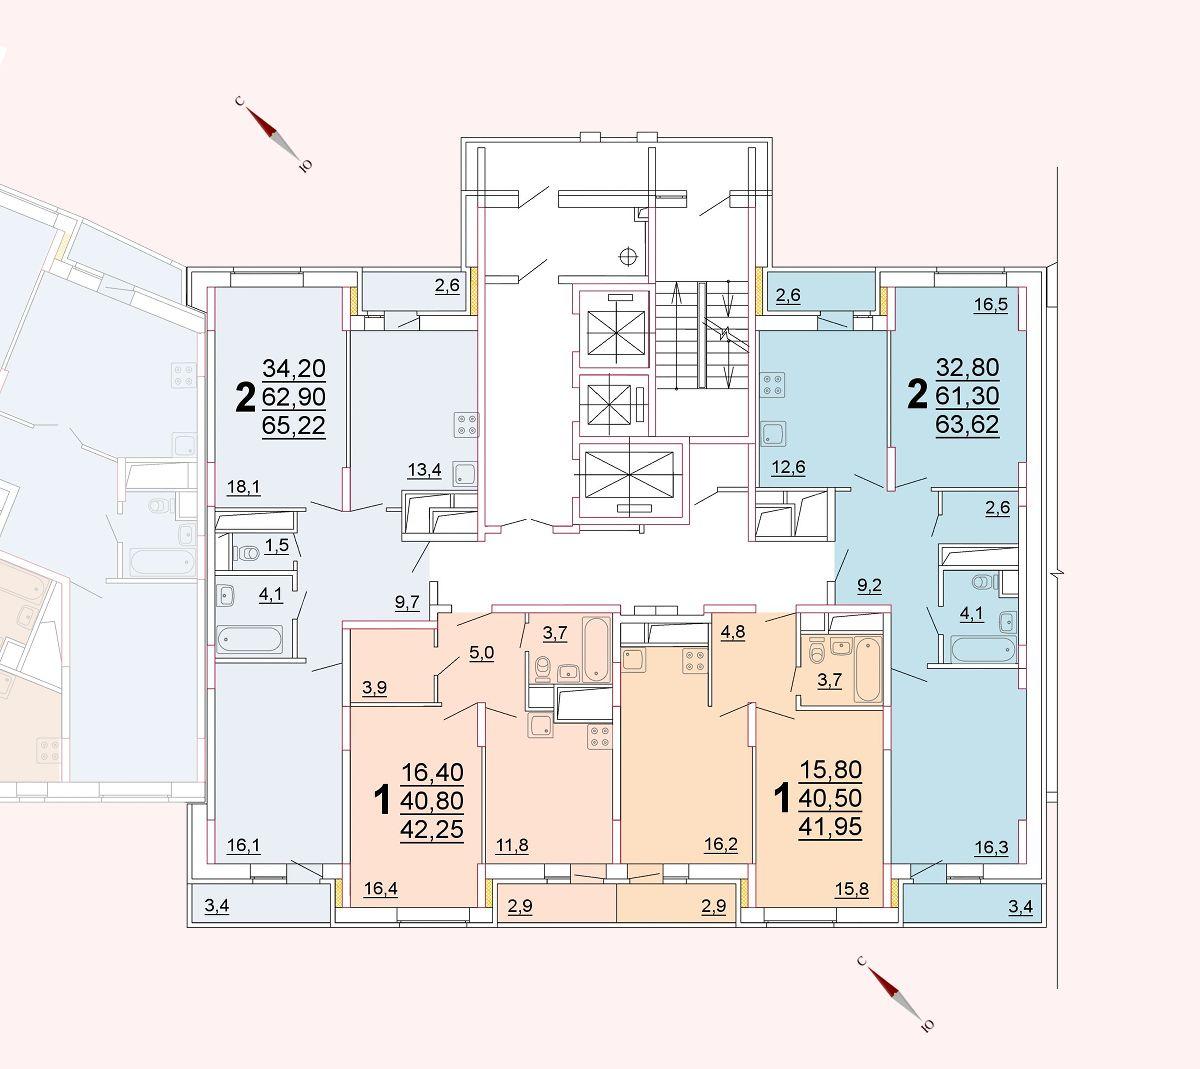 Микрорайон «Центральный», корпус 52г, секция 2, этаж/этажи 18-21